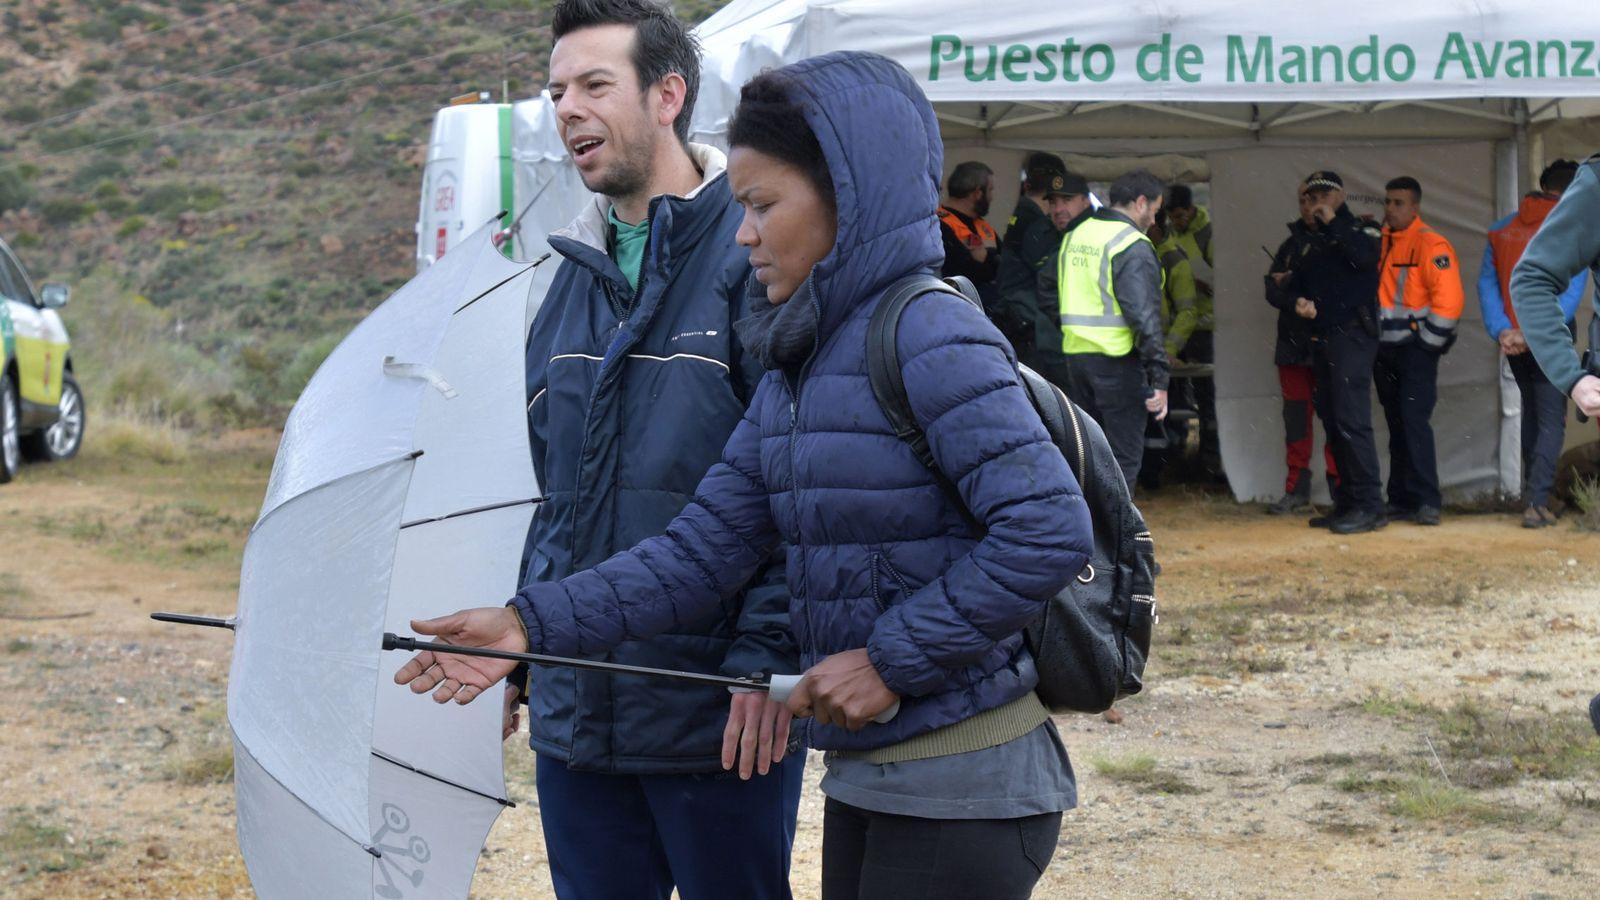 Foto: ngel Cruz, padre deGabriel, y Ana Julia Quezada, durante el segundo día de busqueda del pequeño Gabriel. (EFE)